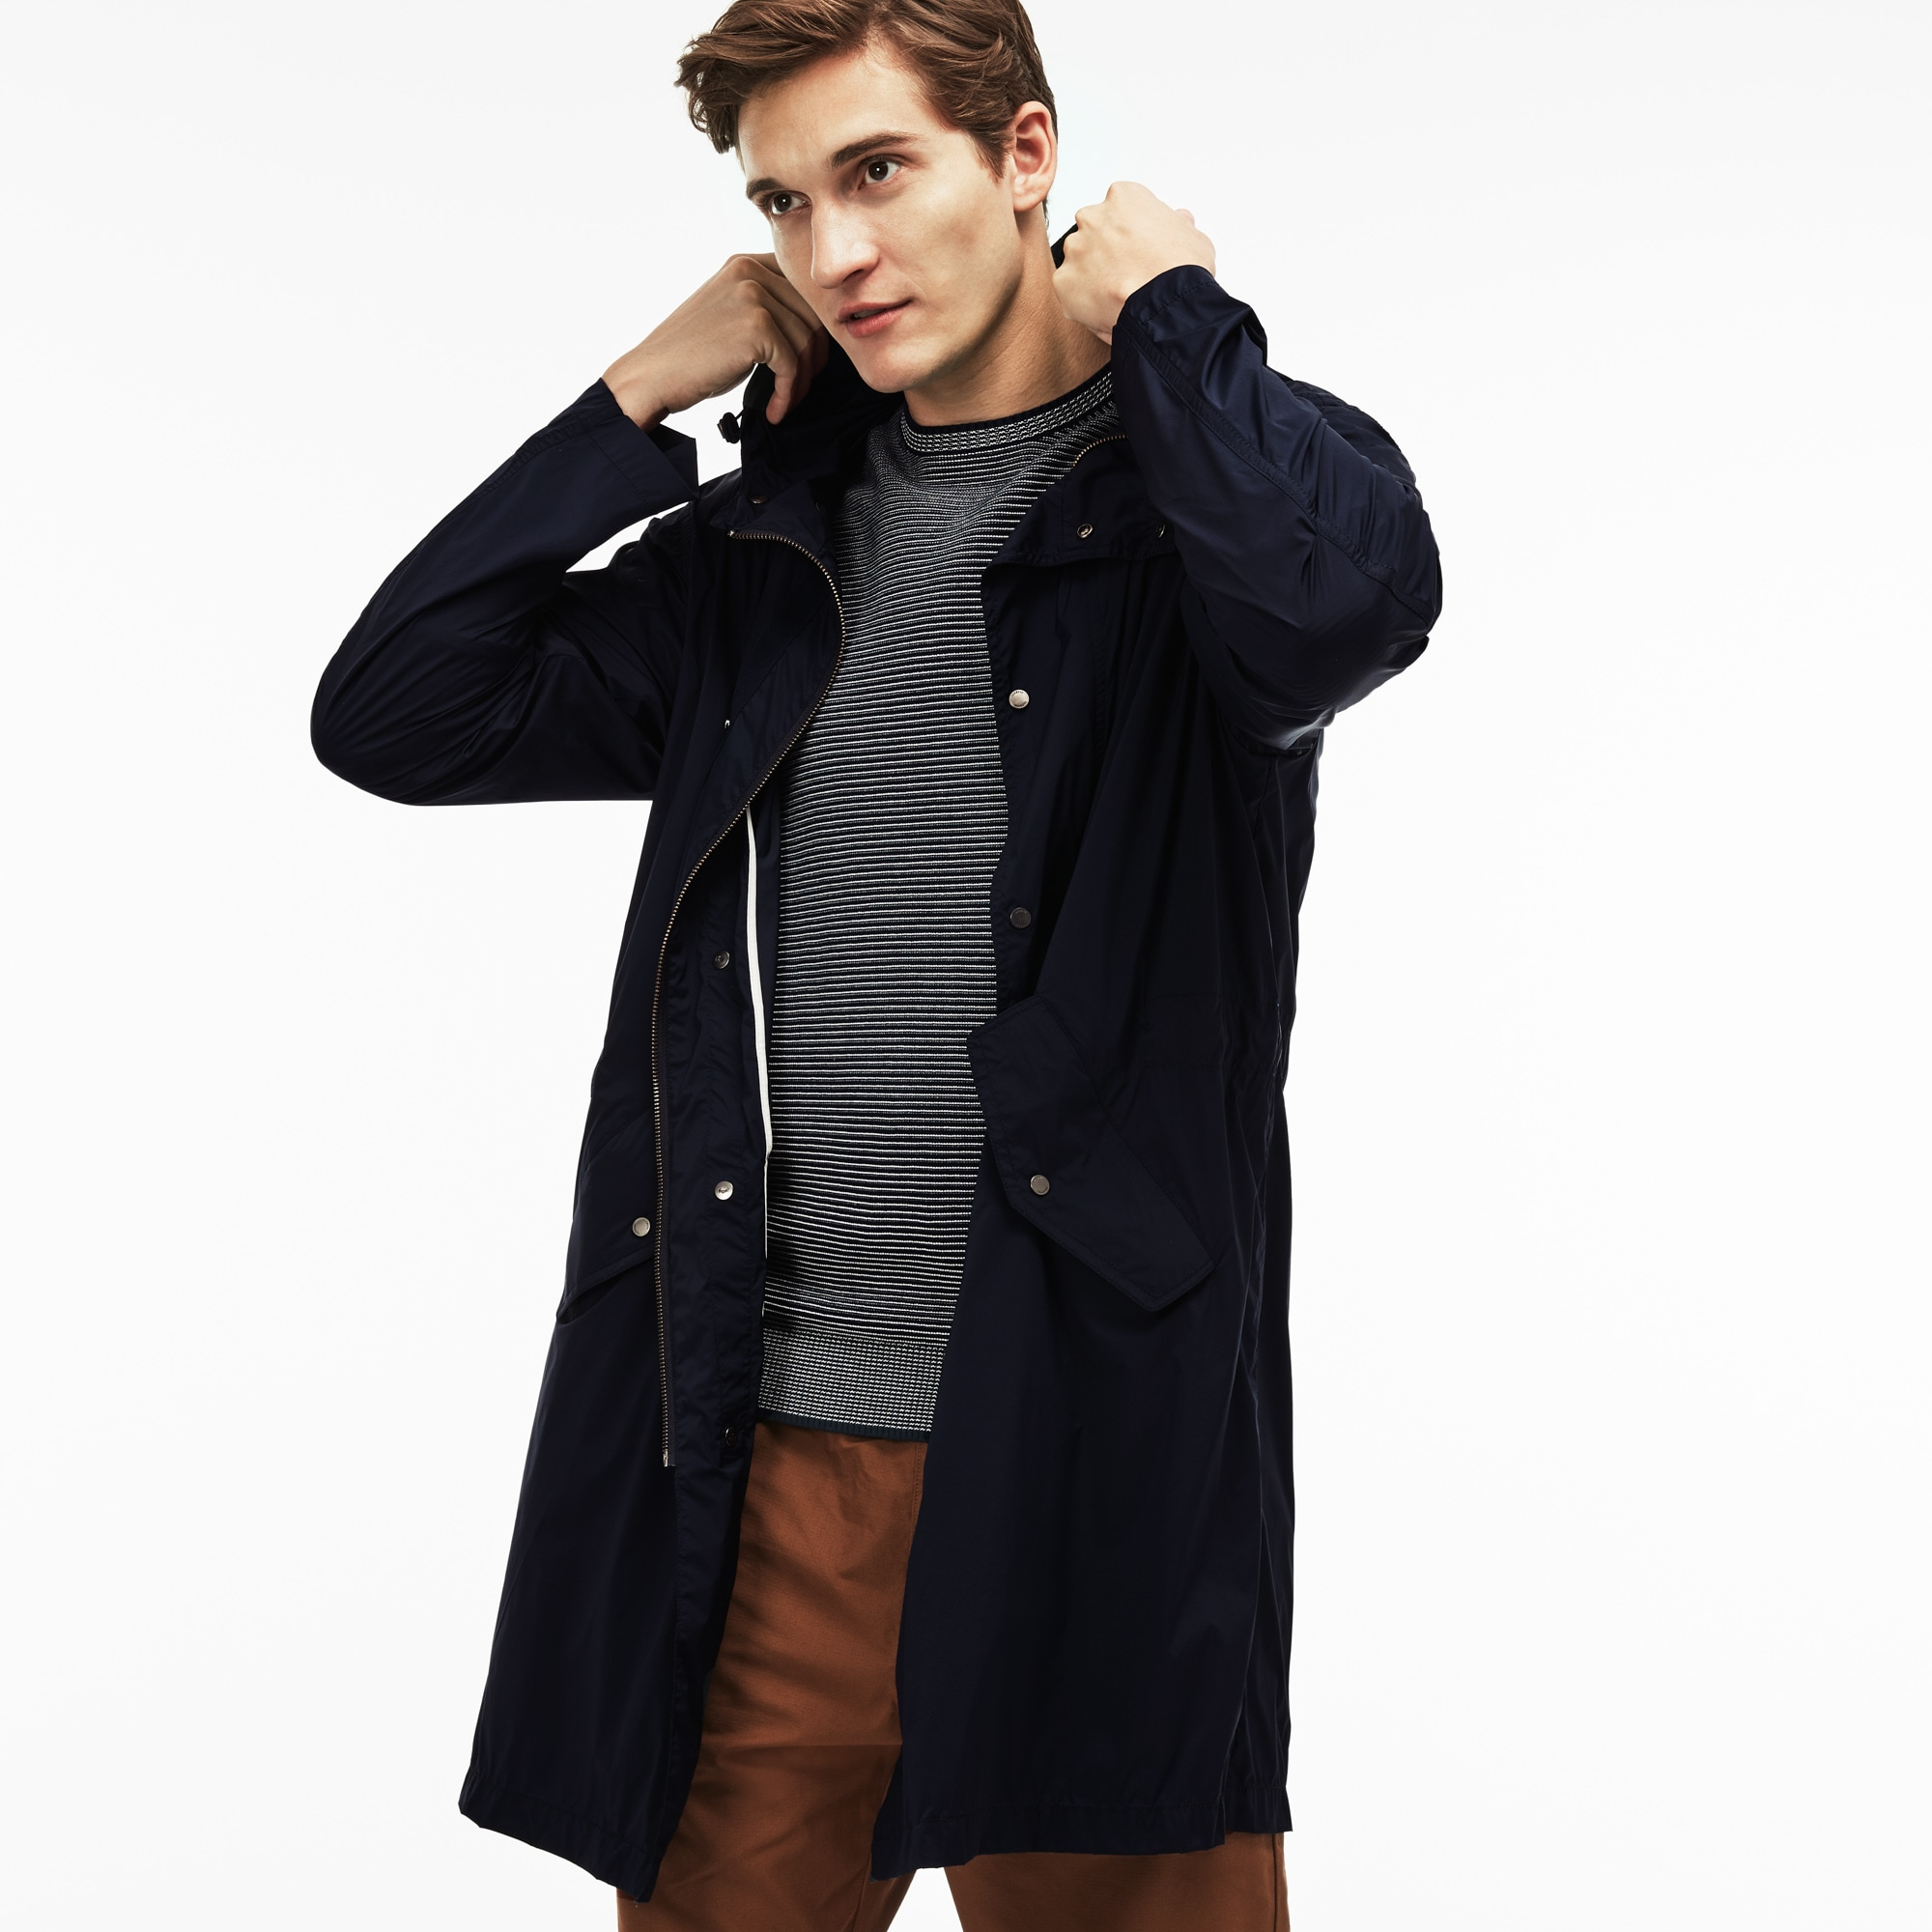 Manteaux   Blousons   Vêtements Homme   LACOSTE 9c123acef933